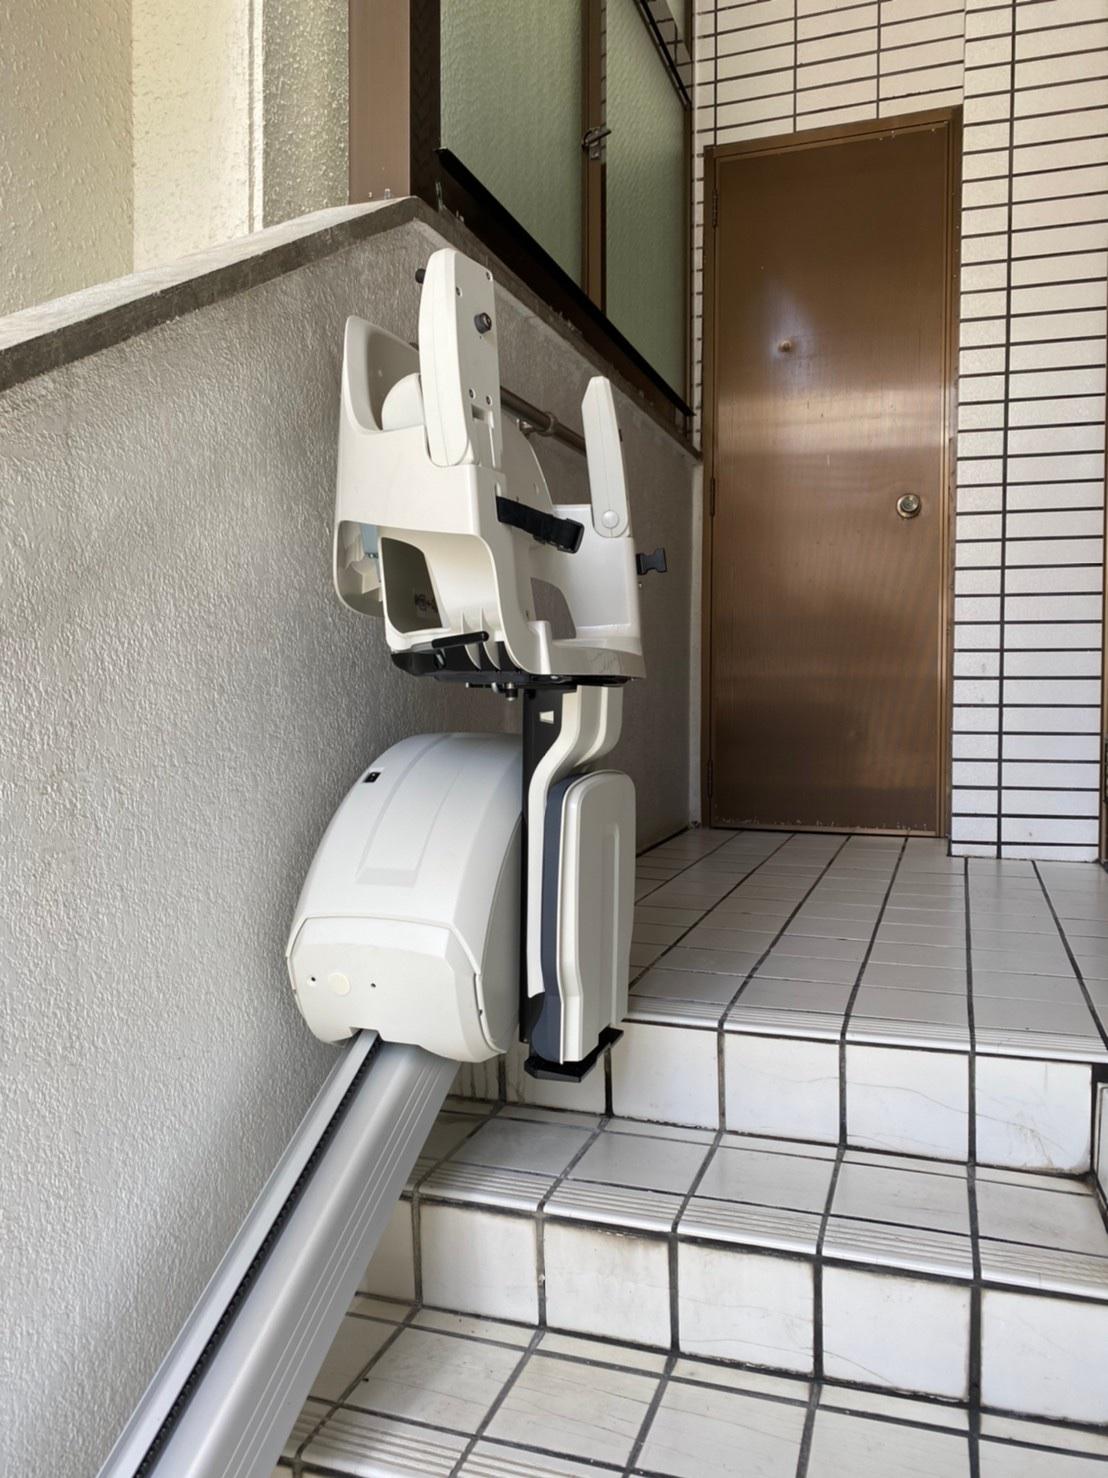 階段リフト(上階)折畳まれた状態